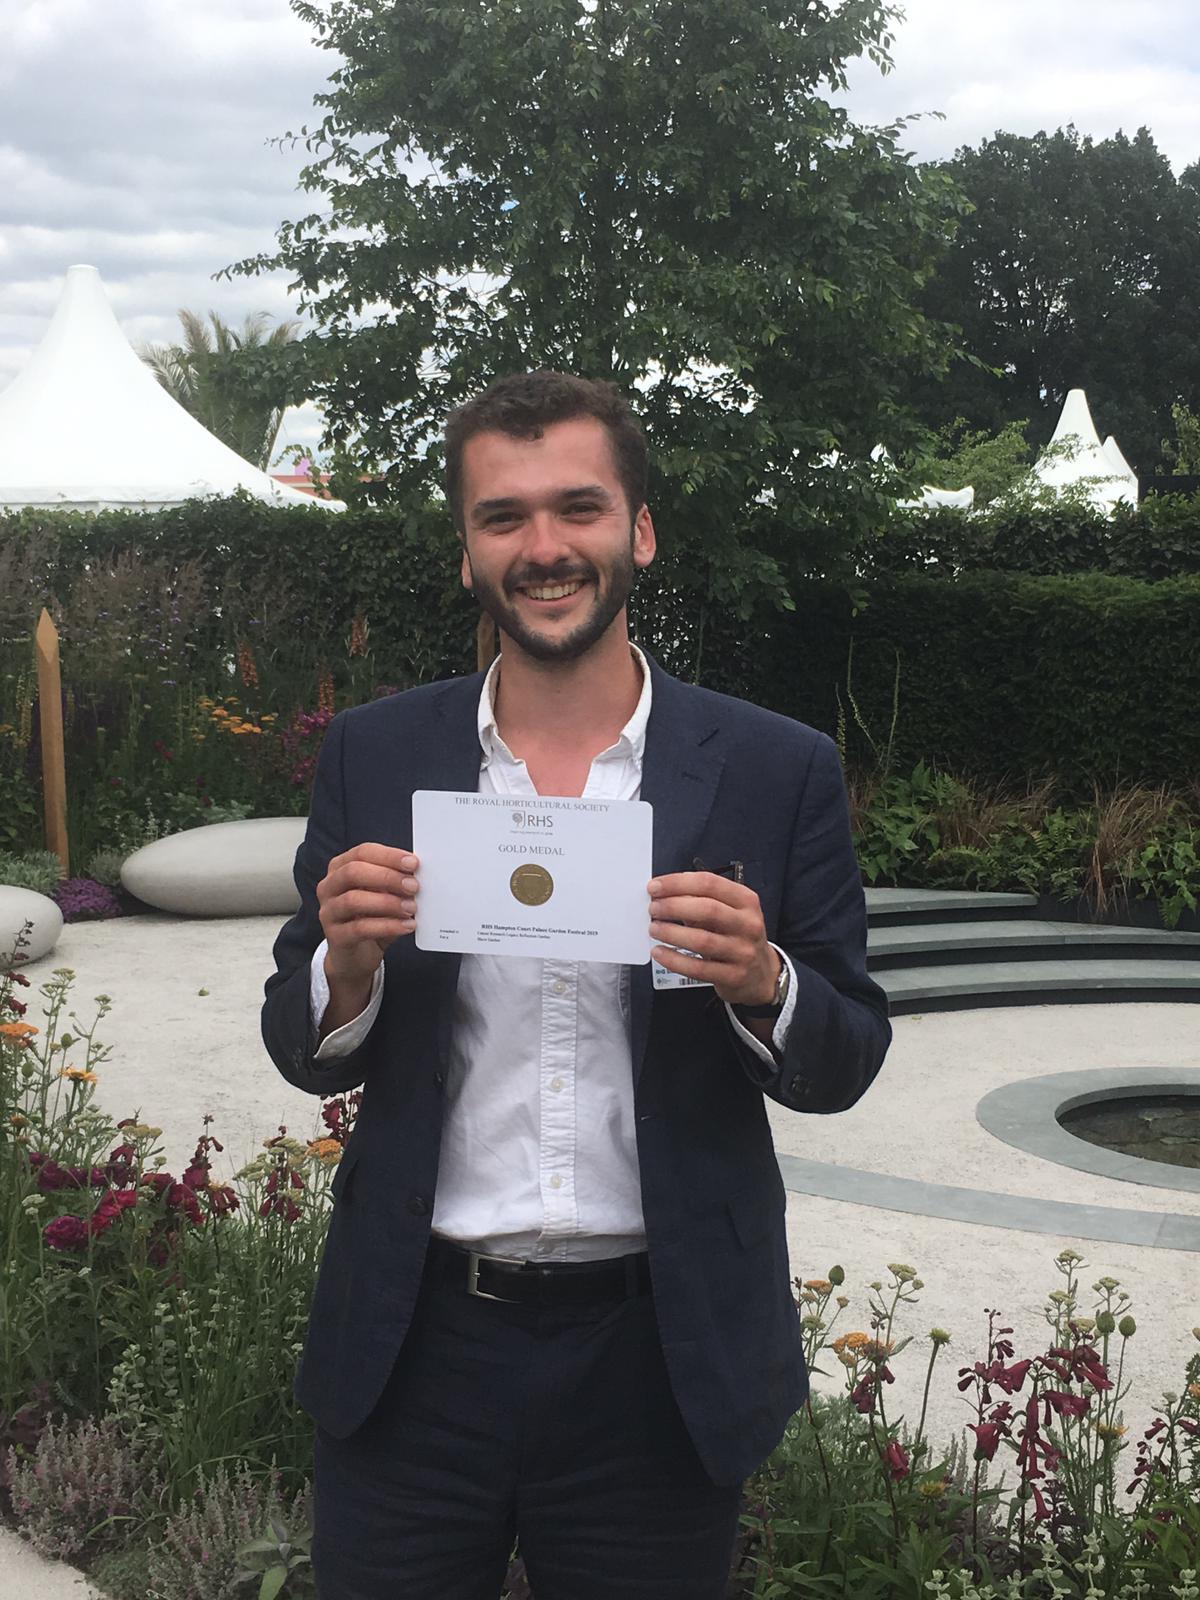 Tom Simpson Garden Design Gold Medal.JPG